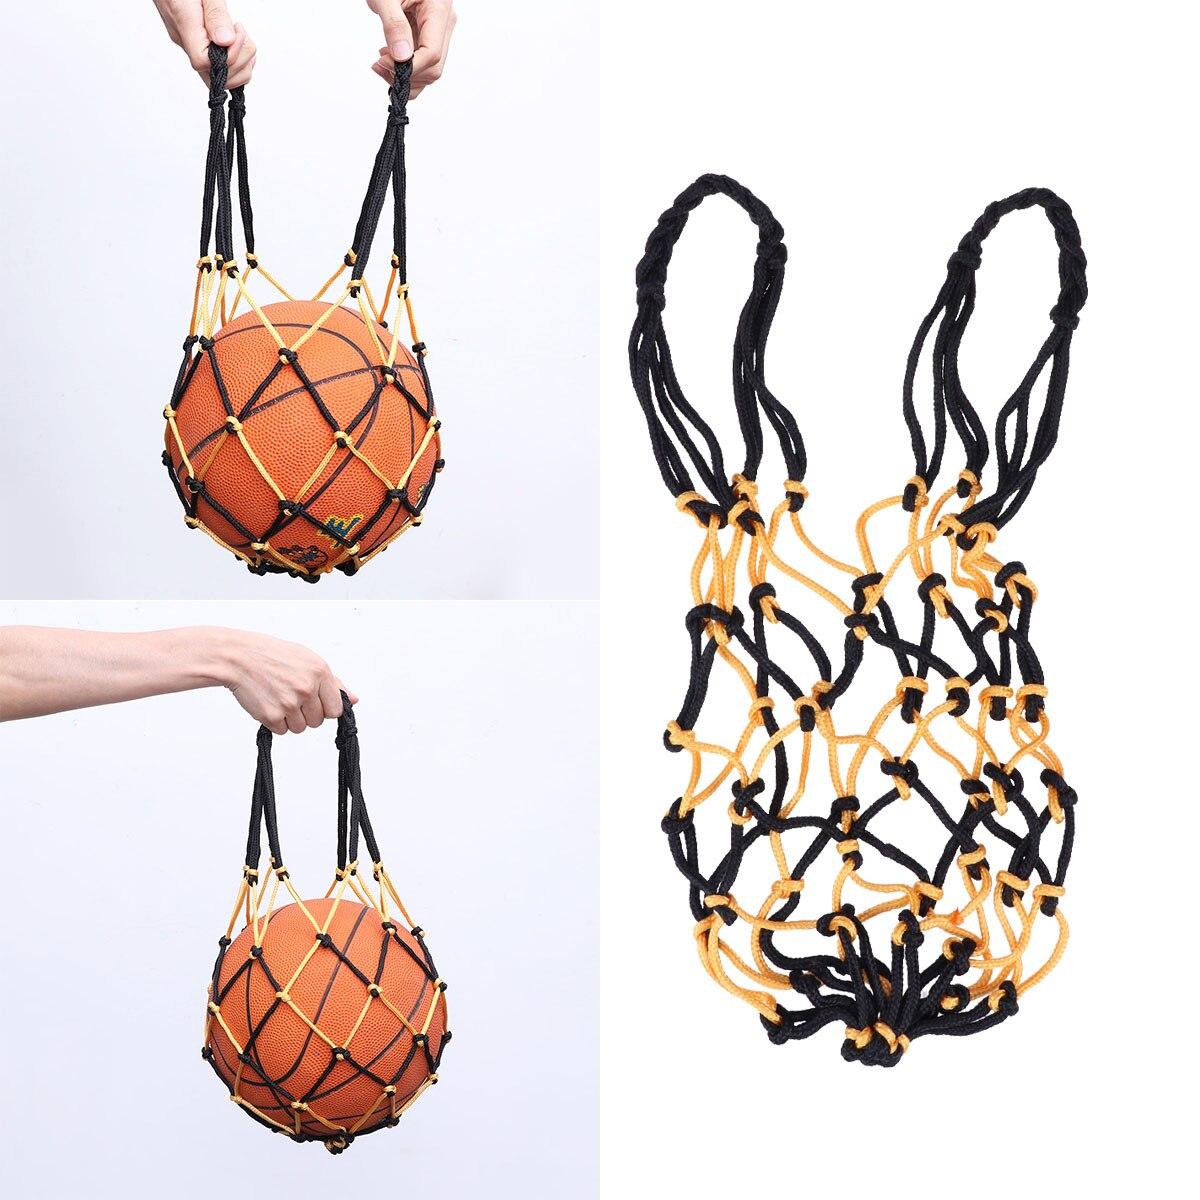 Сверхпрочная баскетбольная сумка, сетчатая нейлоновая сумка для баскетбола на шнурке, Сетчатая Сумка для переноски футбола, сумка для хранения на шнурке для баскетбола-2